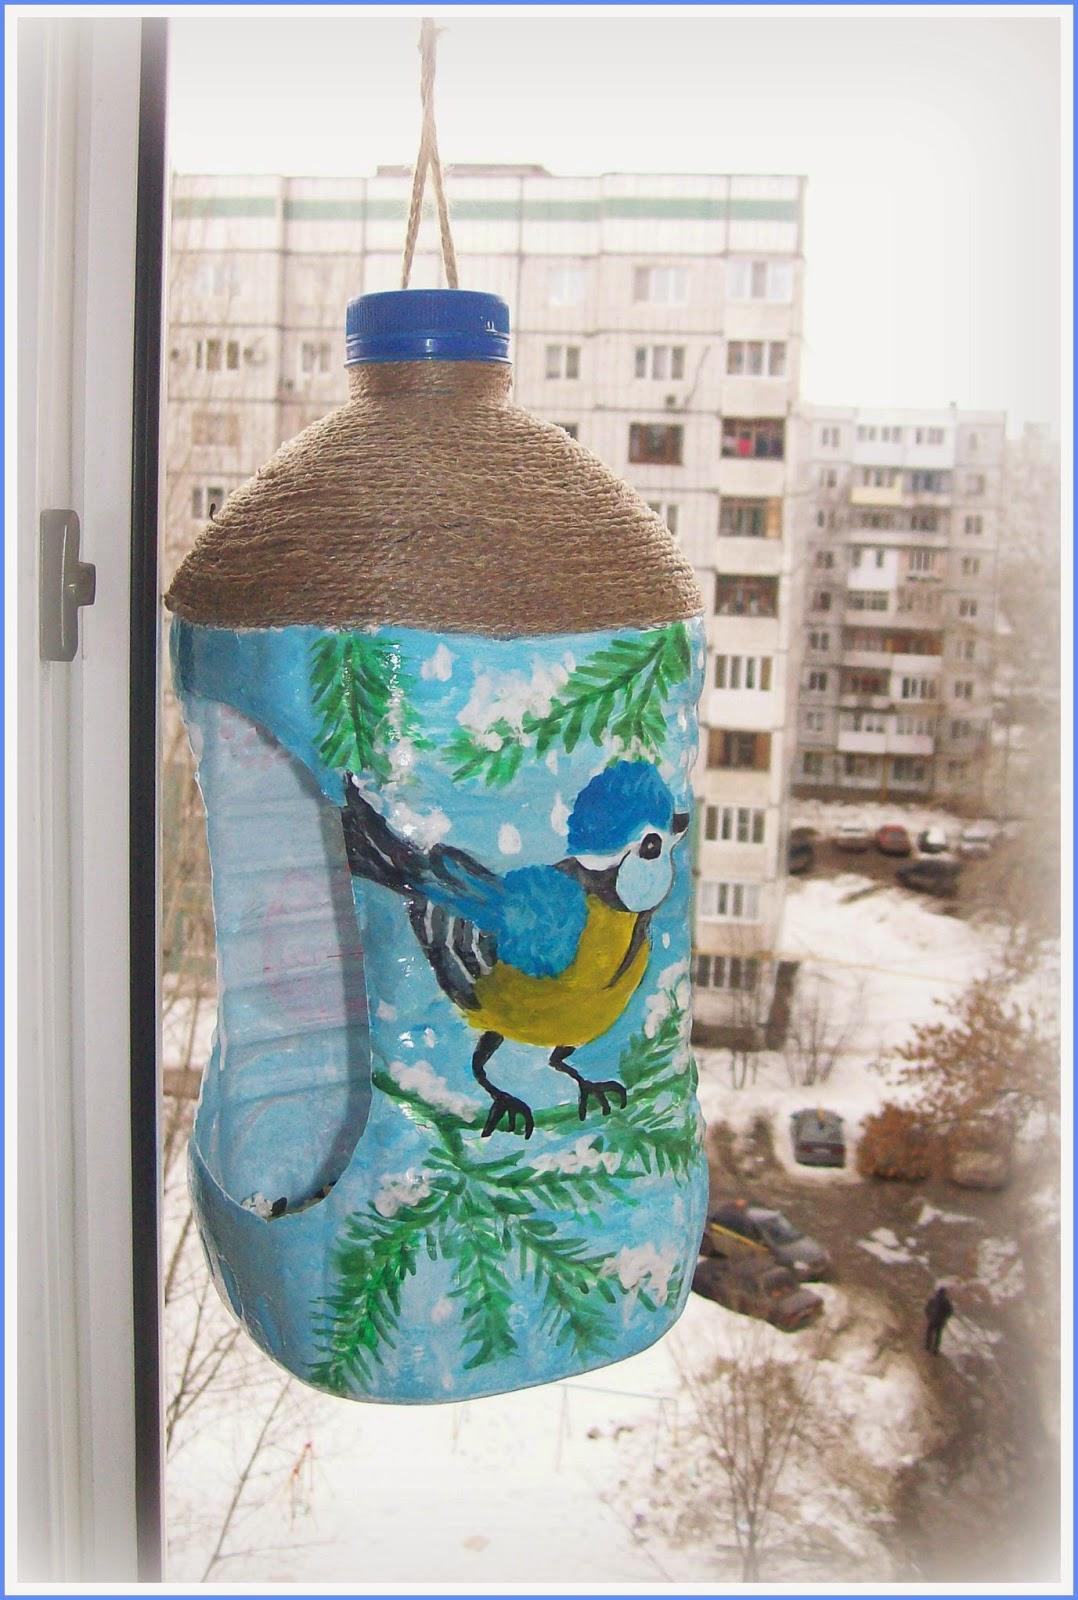 оригинальная кормушка для птиц из пластиковой бутылки - синичка